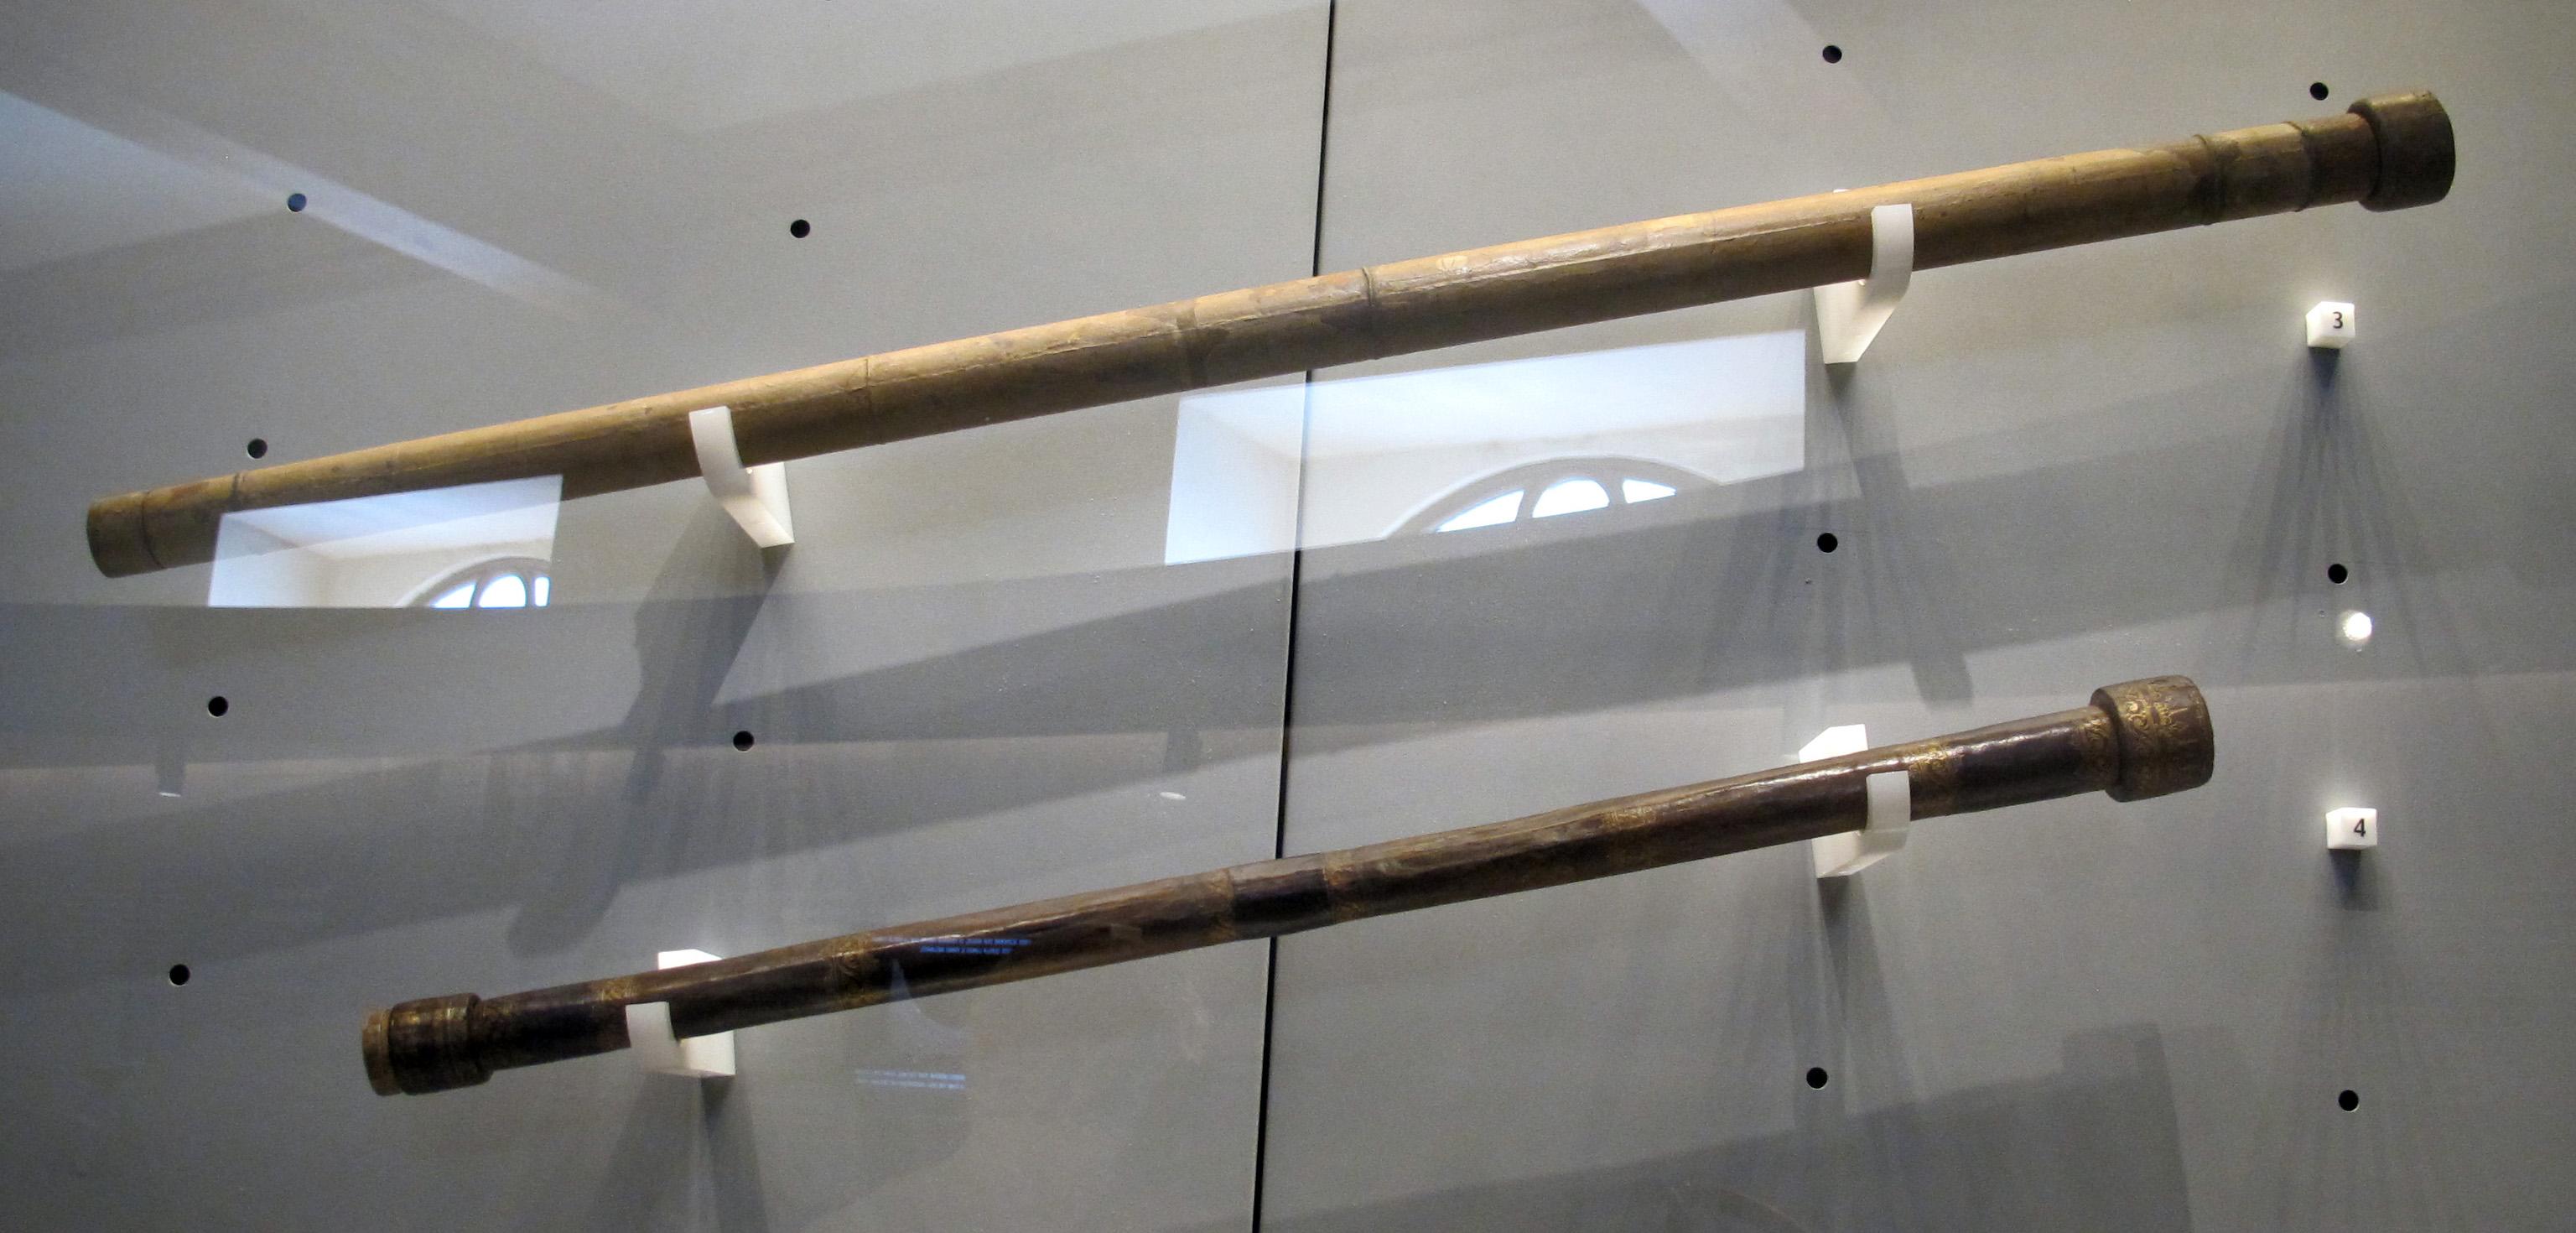 File:Galileo galilei, telescopi del 1609-10 ca..JPG ...